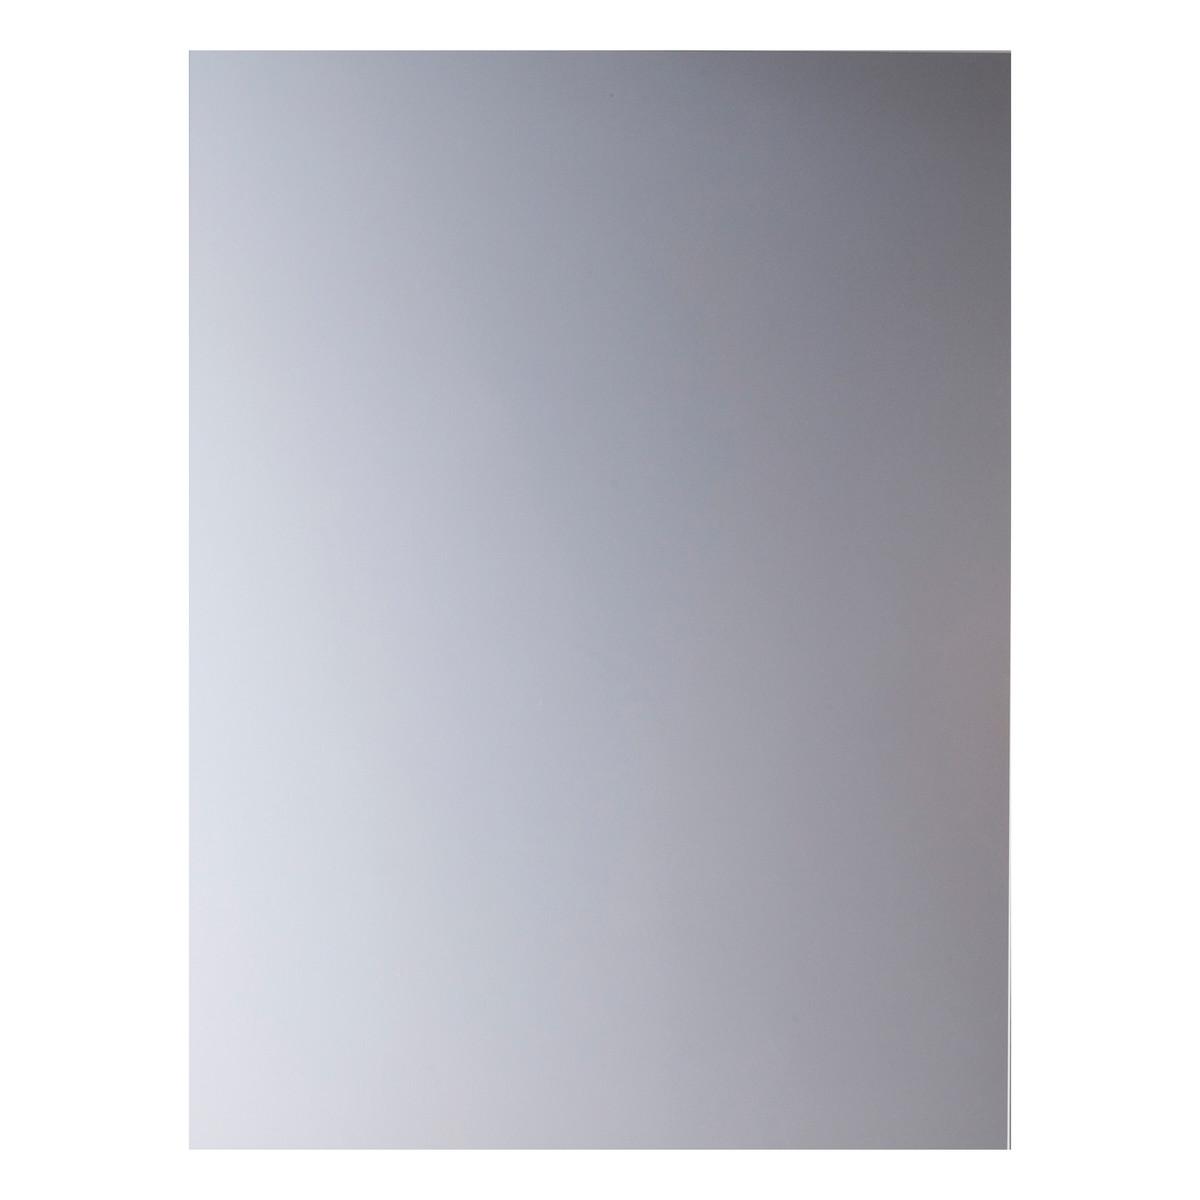 Specchio a onda da muro - Specchio senza cornice ...